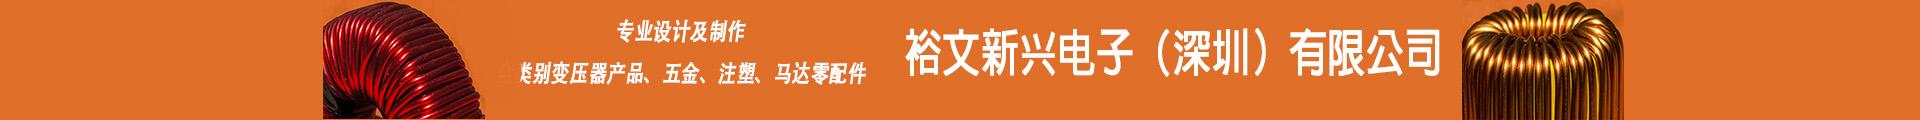 裕文新兴电子(深圳)有限公司